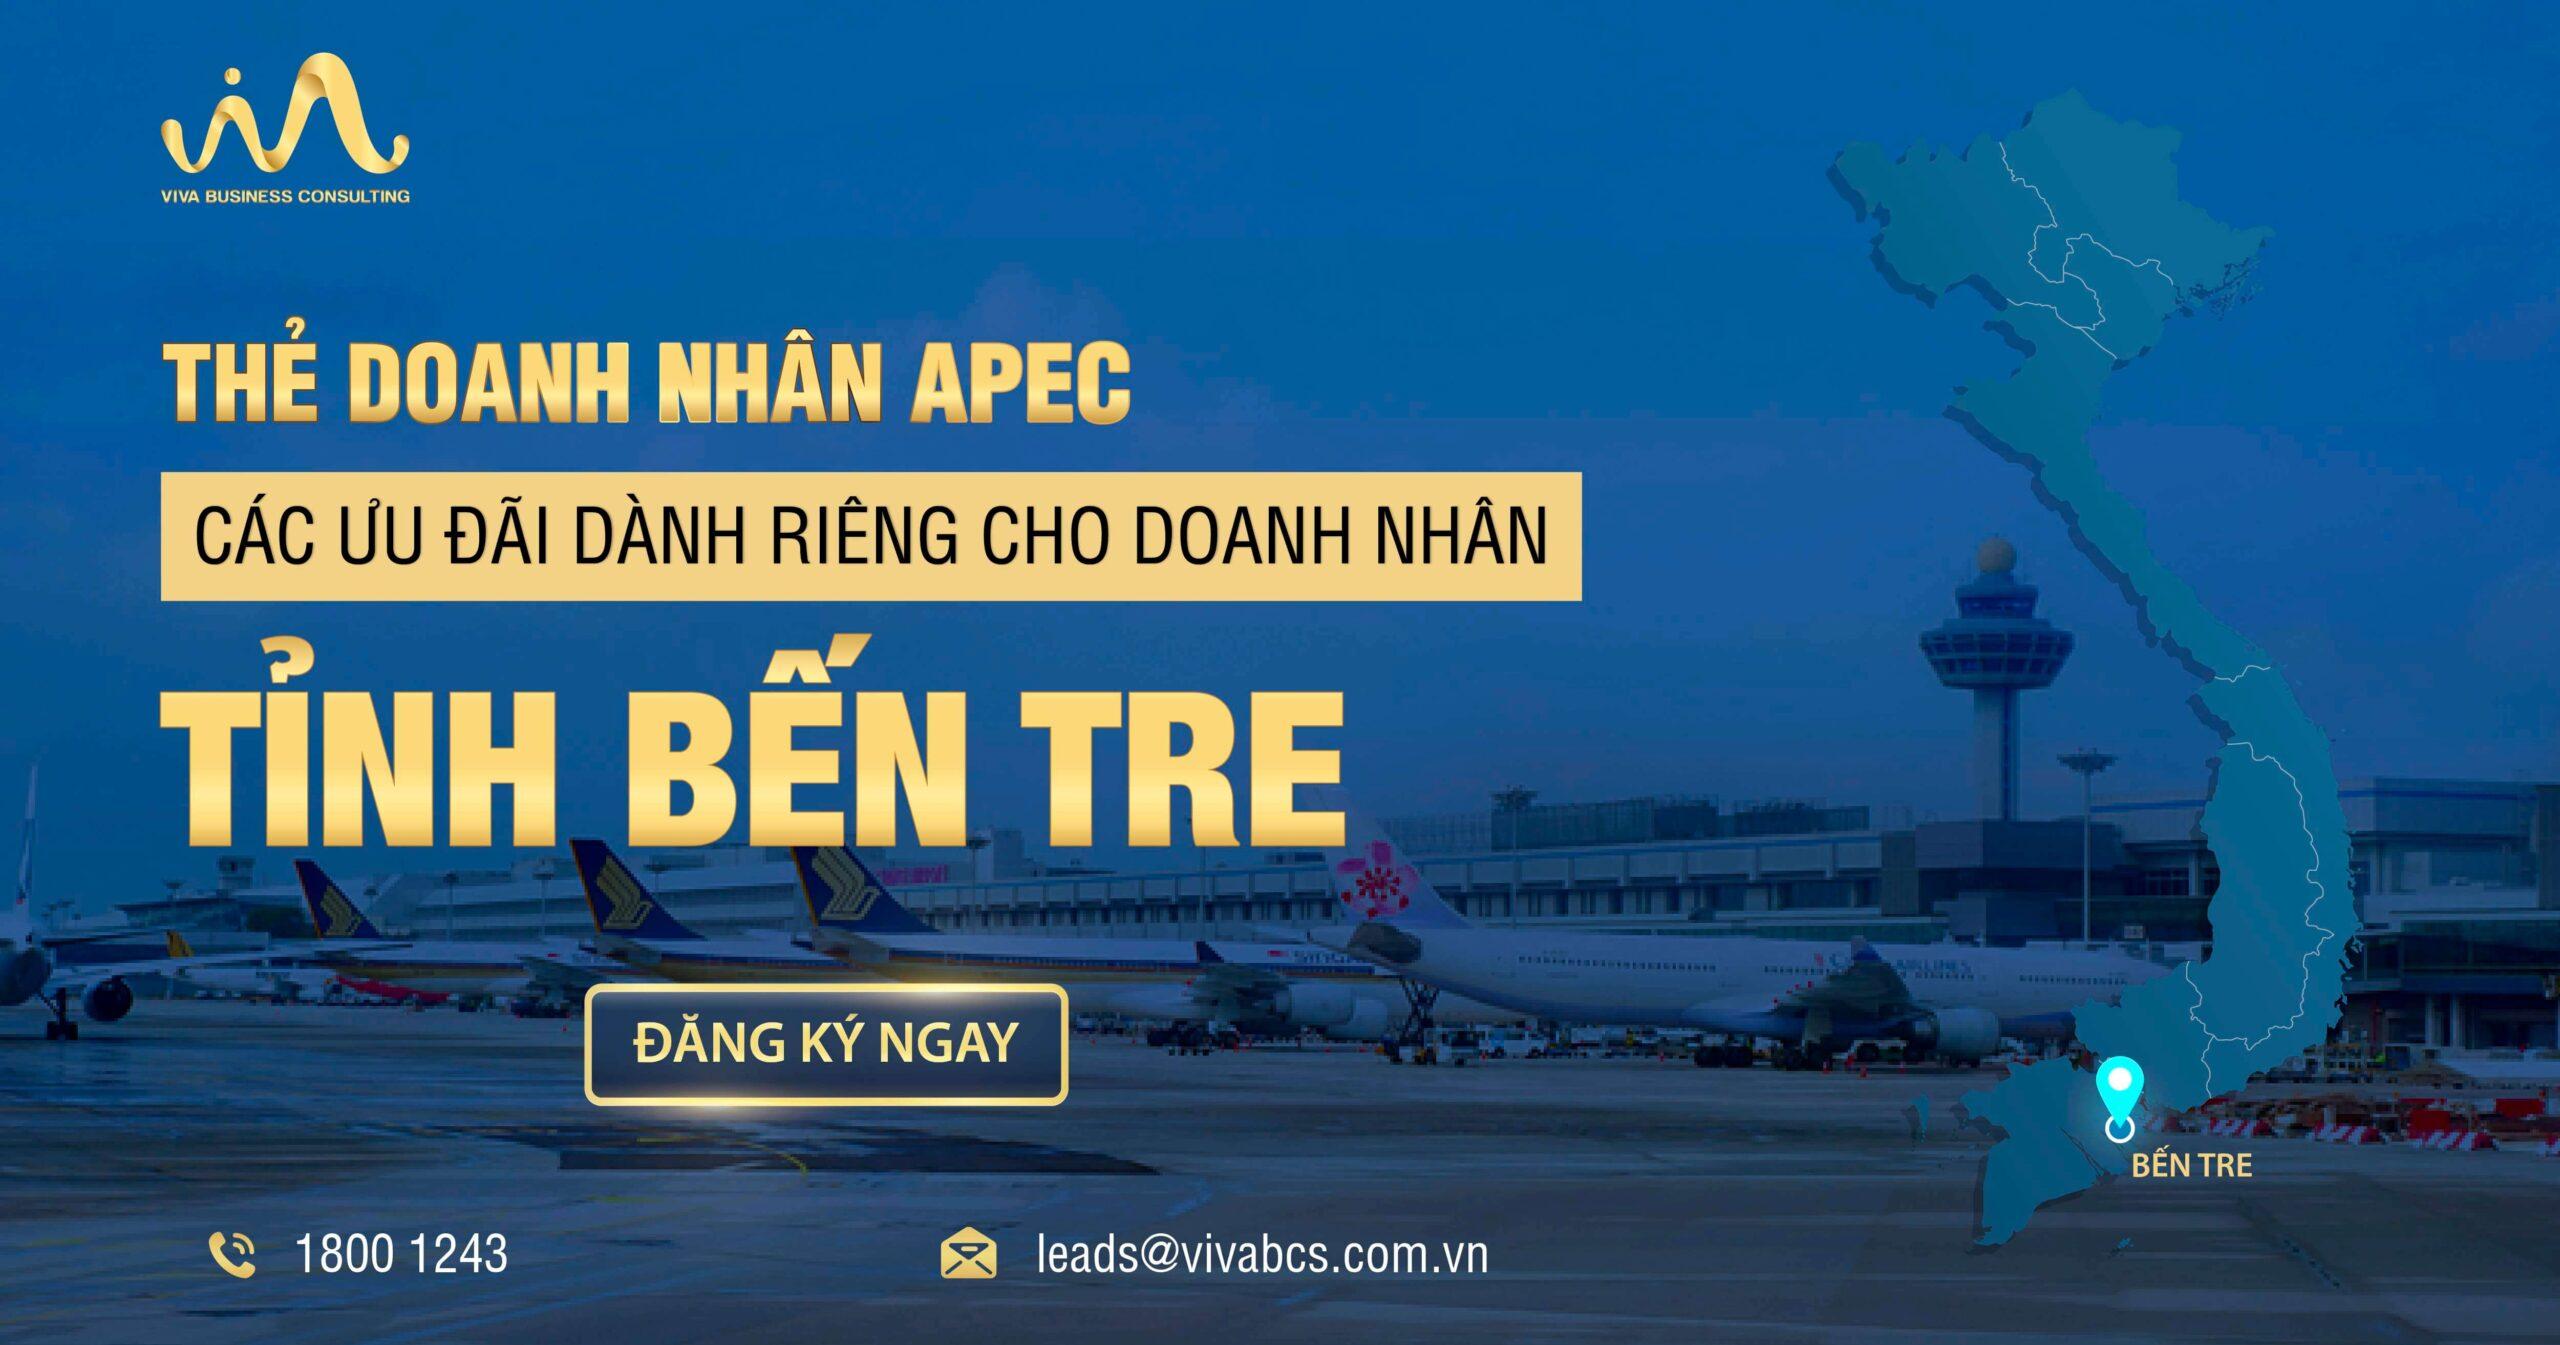 Chương trình thẻ APEC dành riêng cho doanh nhân Bến Tre